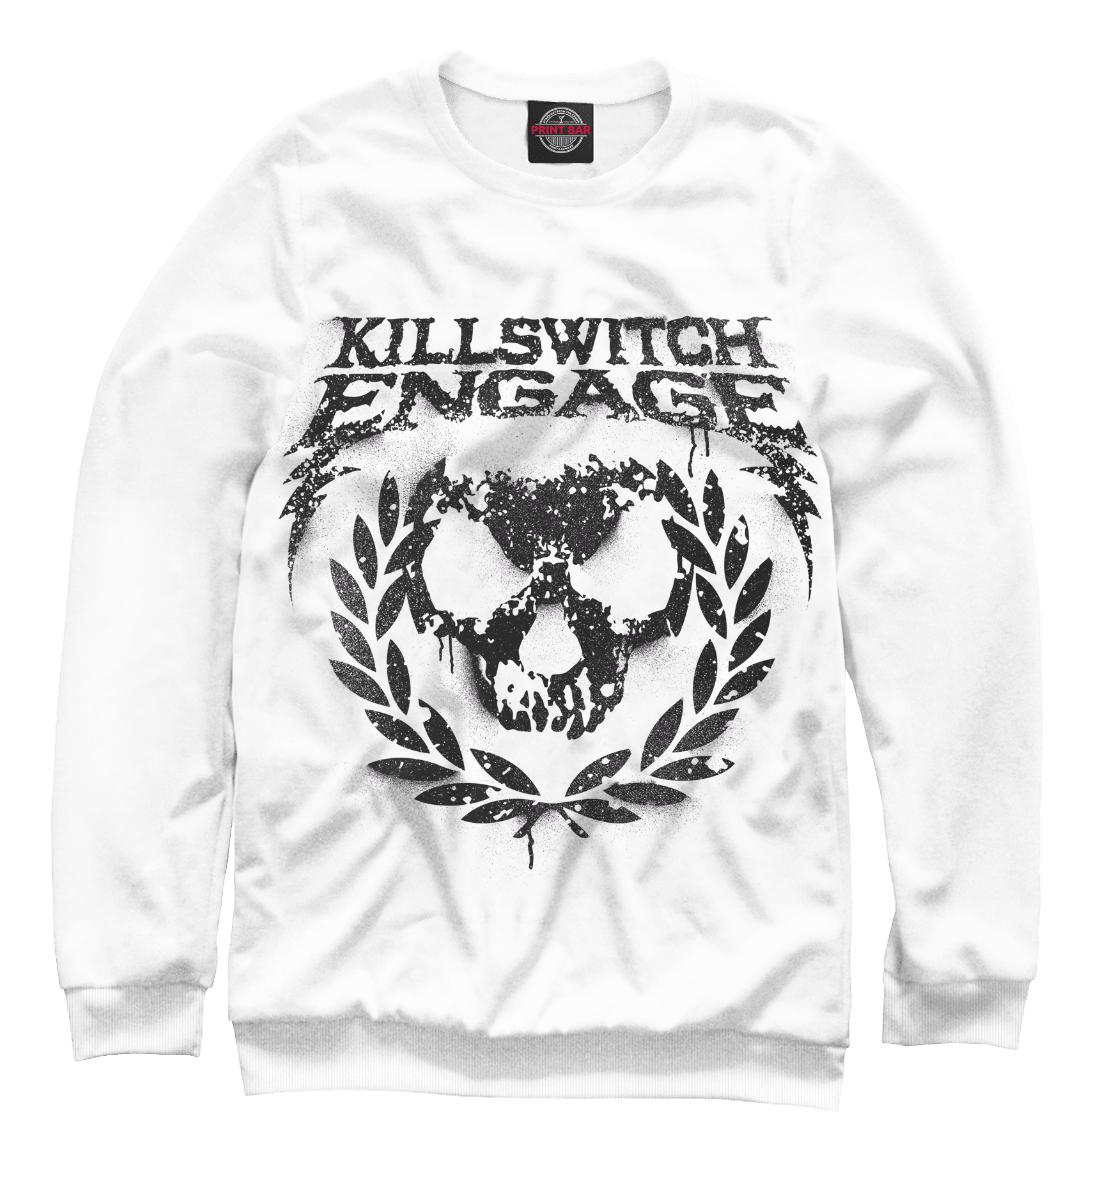 Купить Killswitch Engage, Printbar, Свитшоты, KSE-339241-swi-2